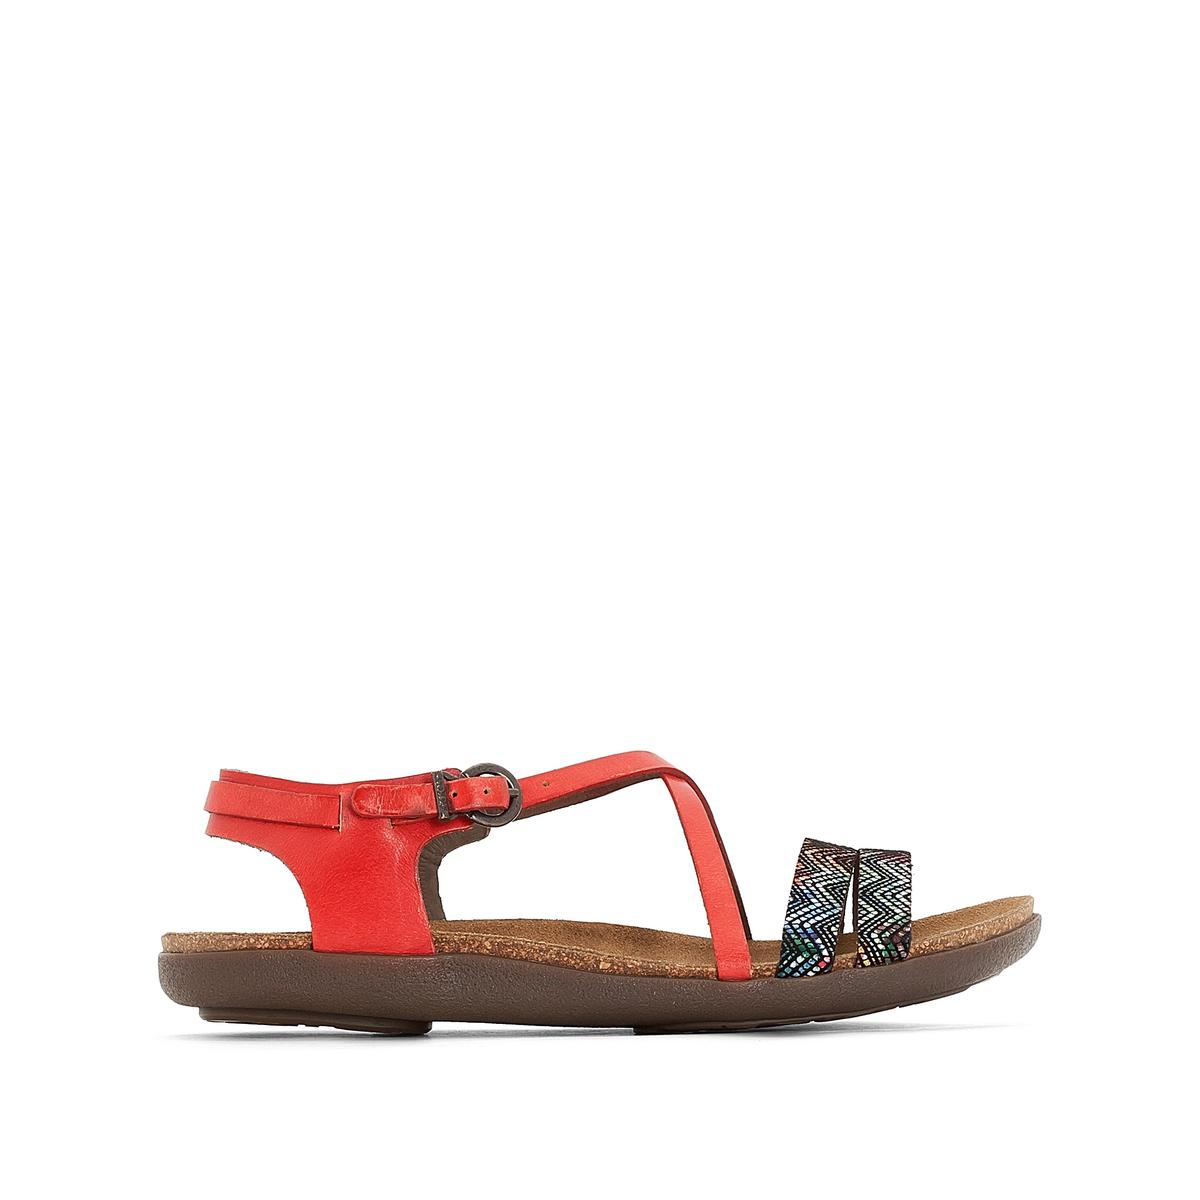 Босоножки из кожи AtomiumВерх : кожа   Подкладка : невыделанная кожа   Стелька : велюр   Подошва : каучук    Высота каблука : 2 см   Застежка : пряжка<br><br>Цвет: красный наб. рисунок<br>Размер: 36.39